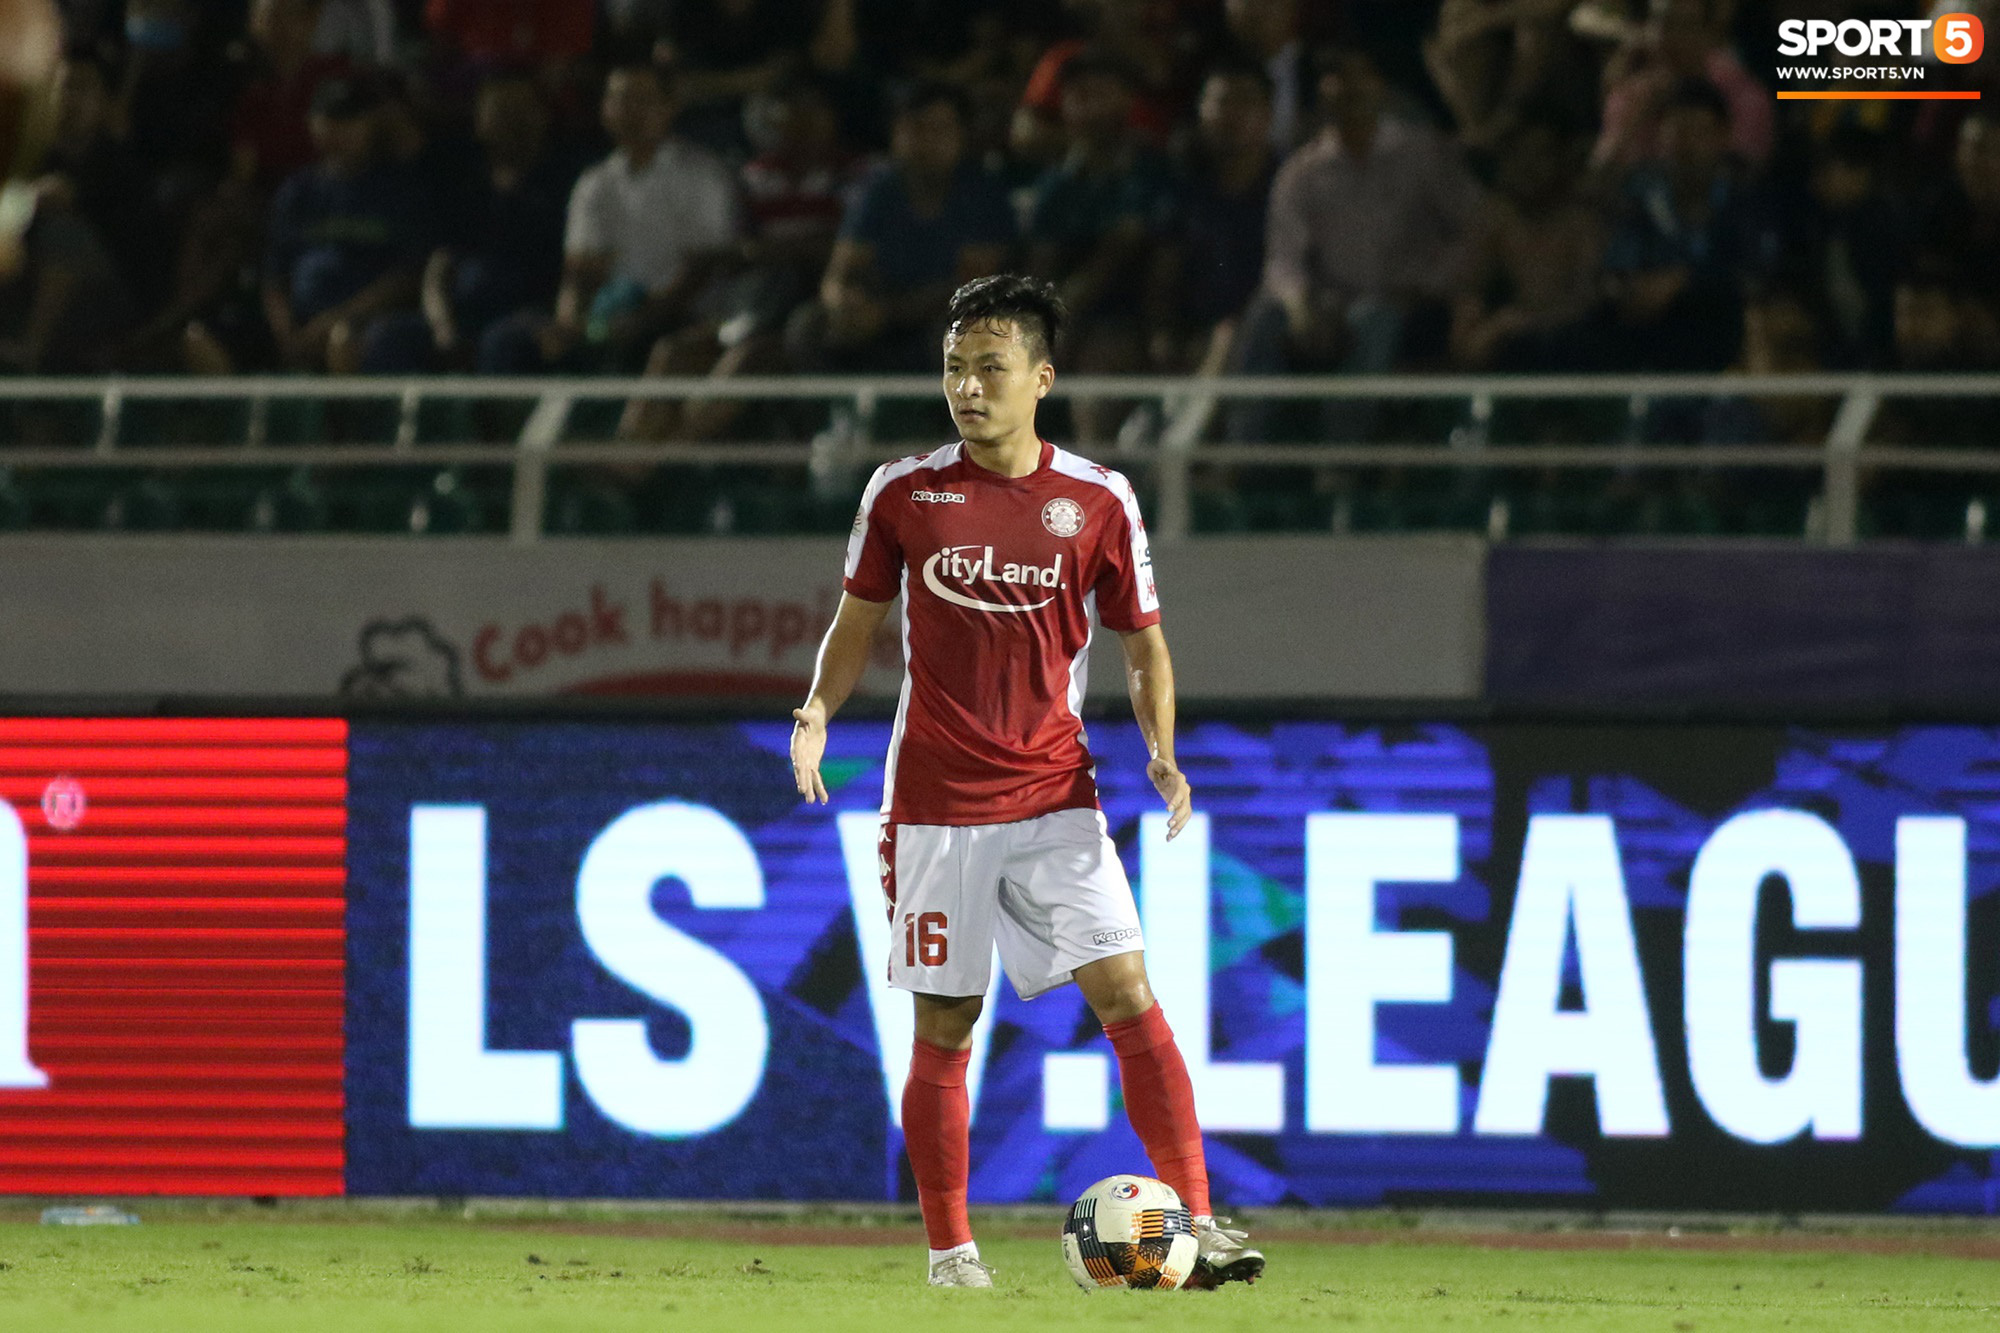 Võ Huy Toàn chấn thương nặng hơn dự kiến, cố thi đấu dù không có cảm giác bóng  - Ảnh 6.